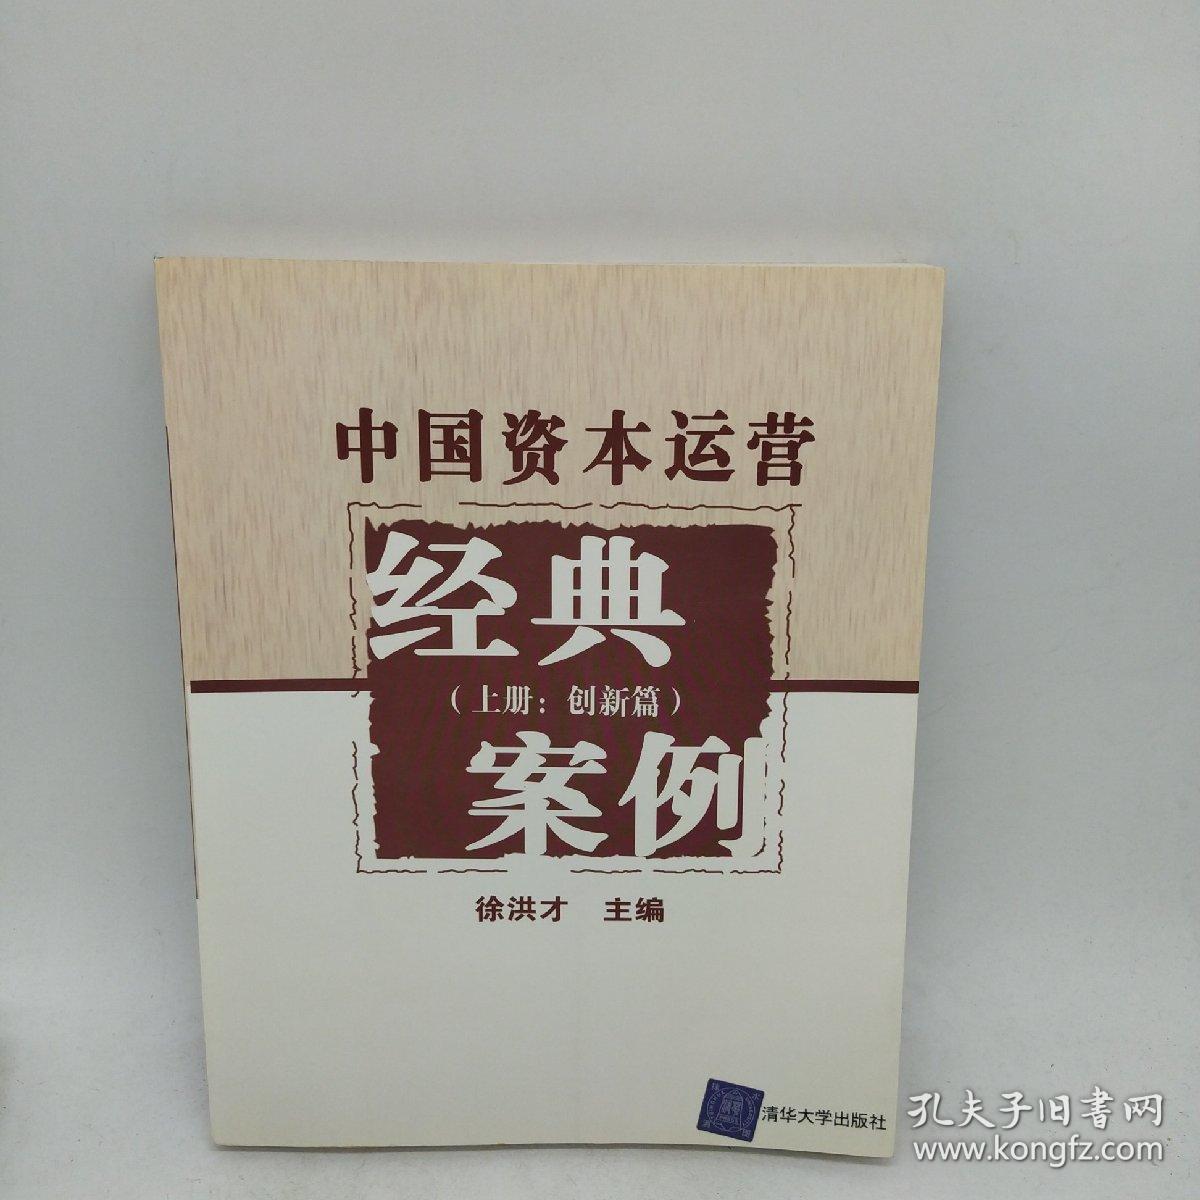 中国资本运营经典案例(上册:创新篇)